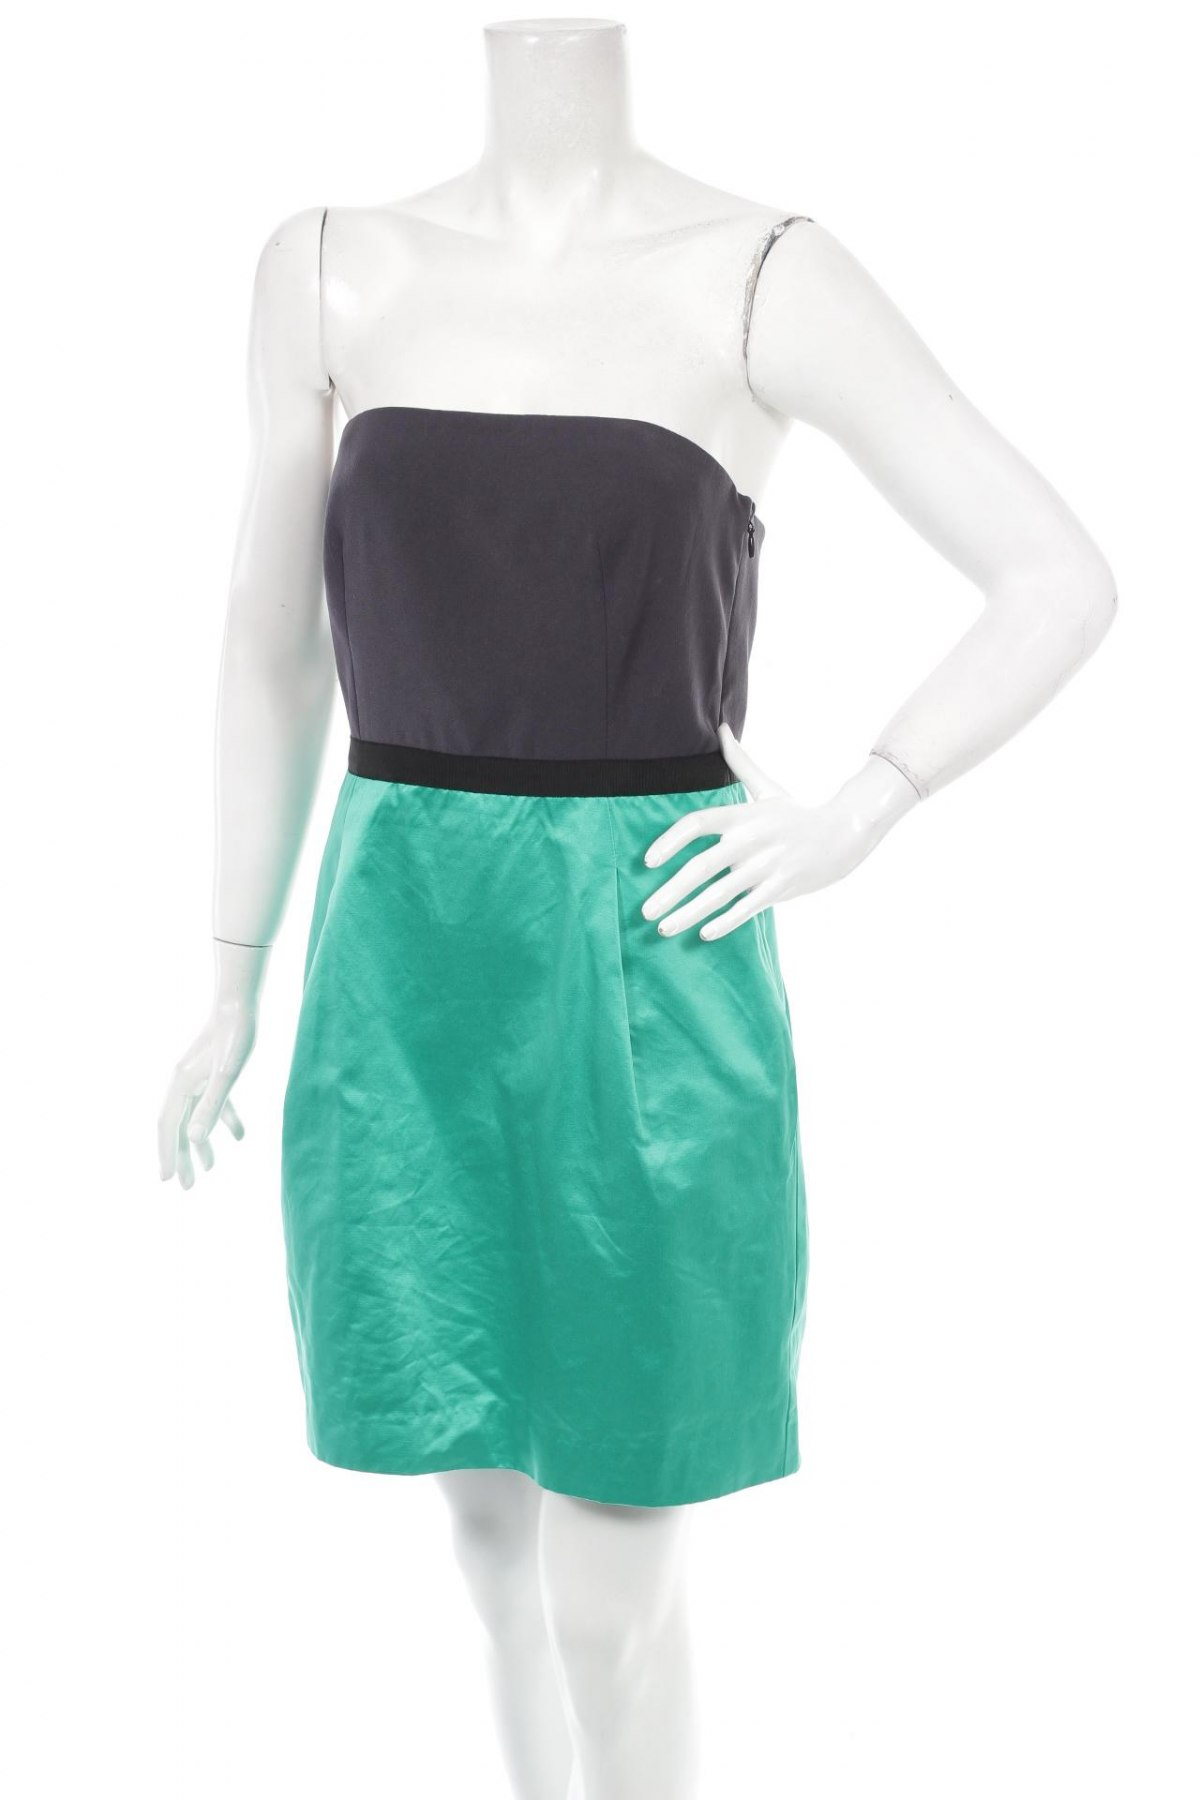 e18a04e4dfb Dámske oblečenie - nohavice